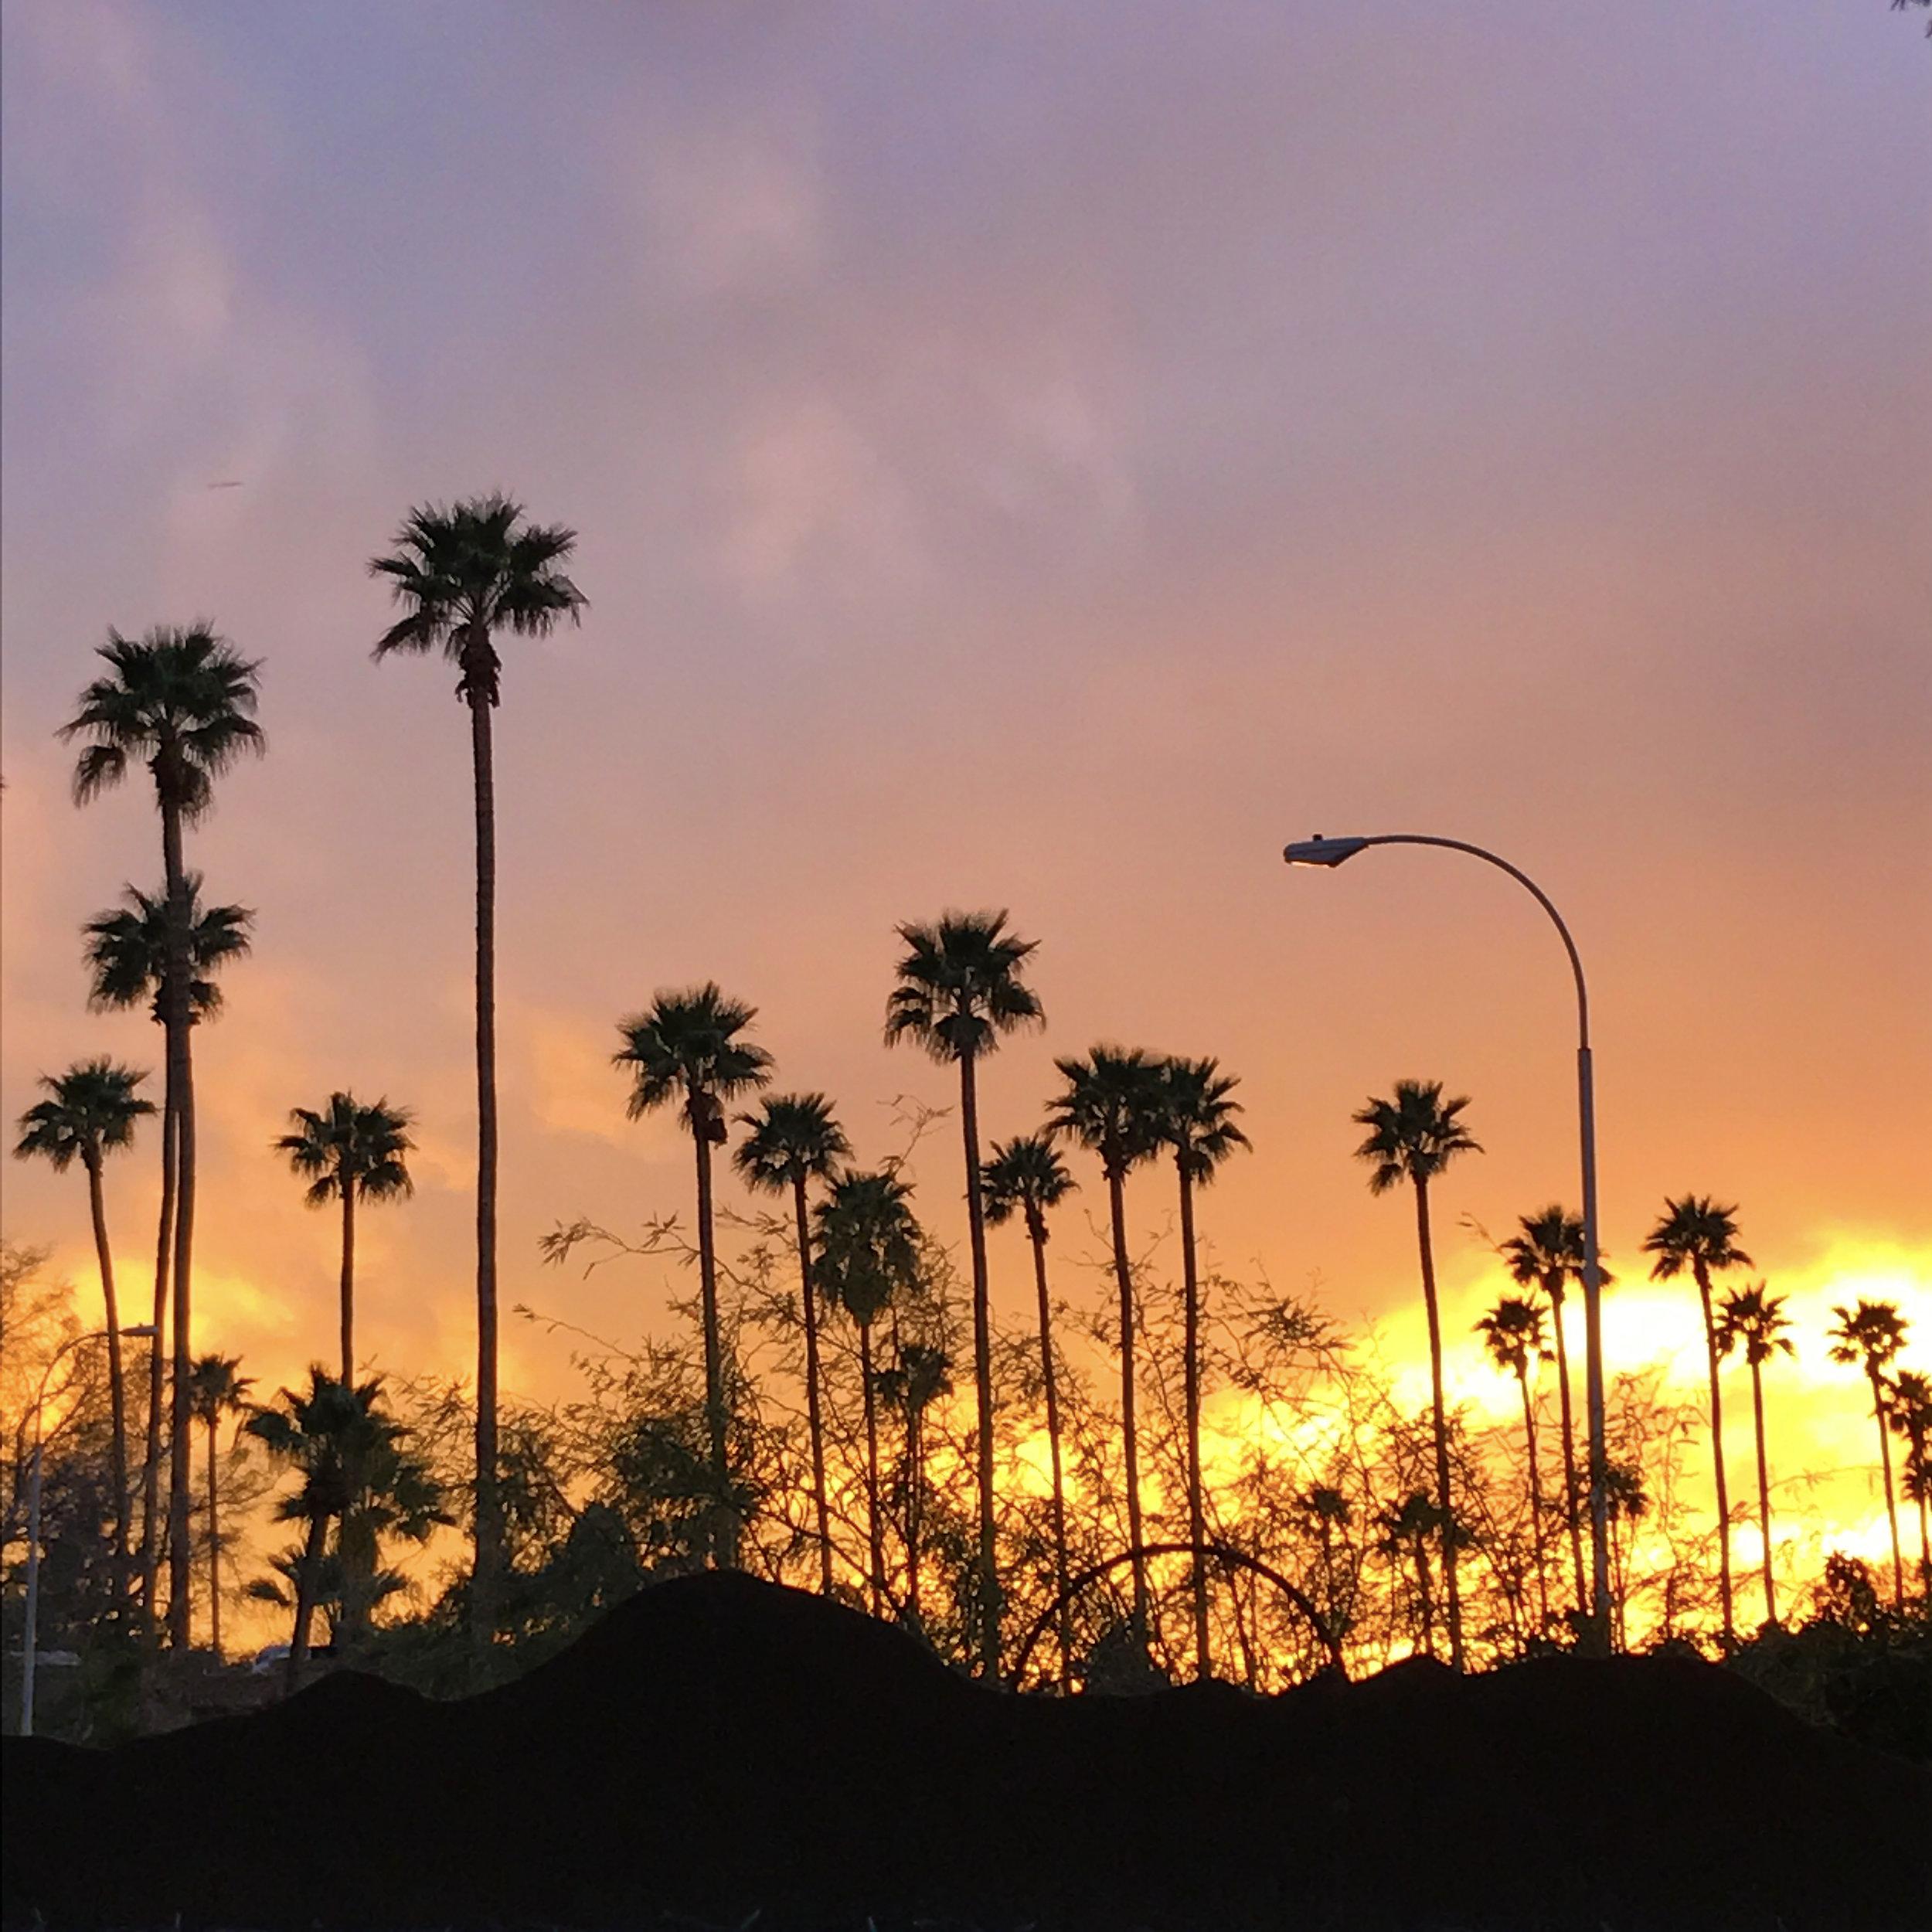 Sunset_backyard.jpg